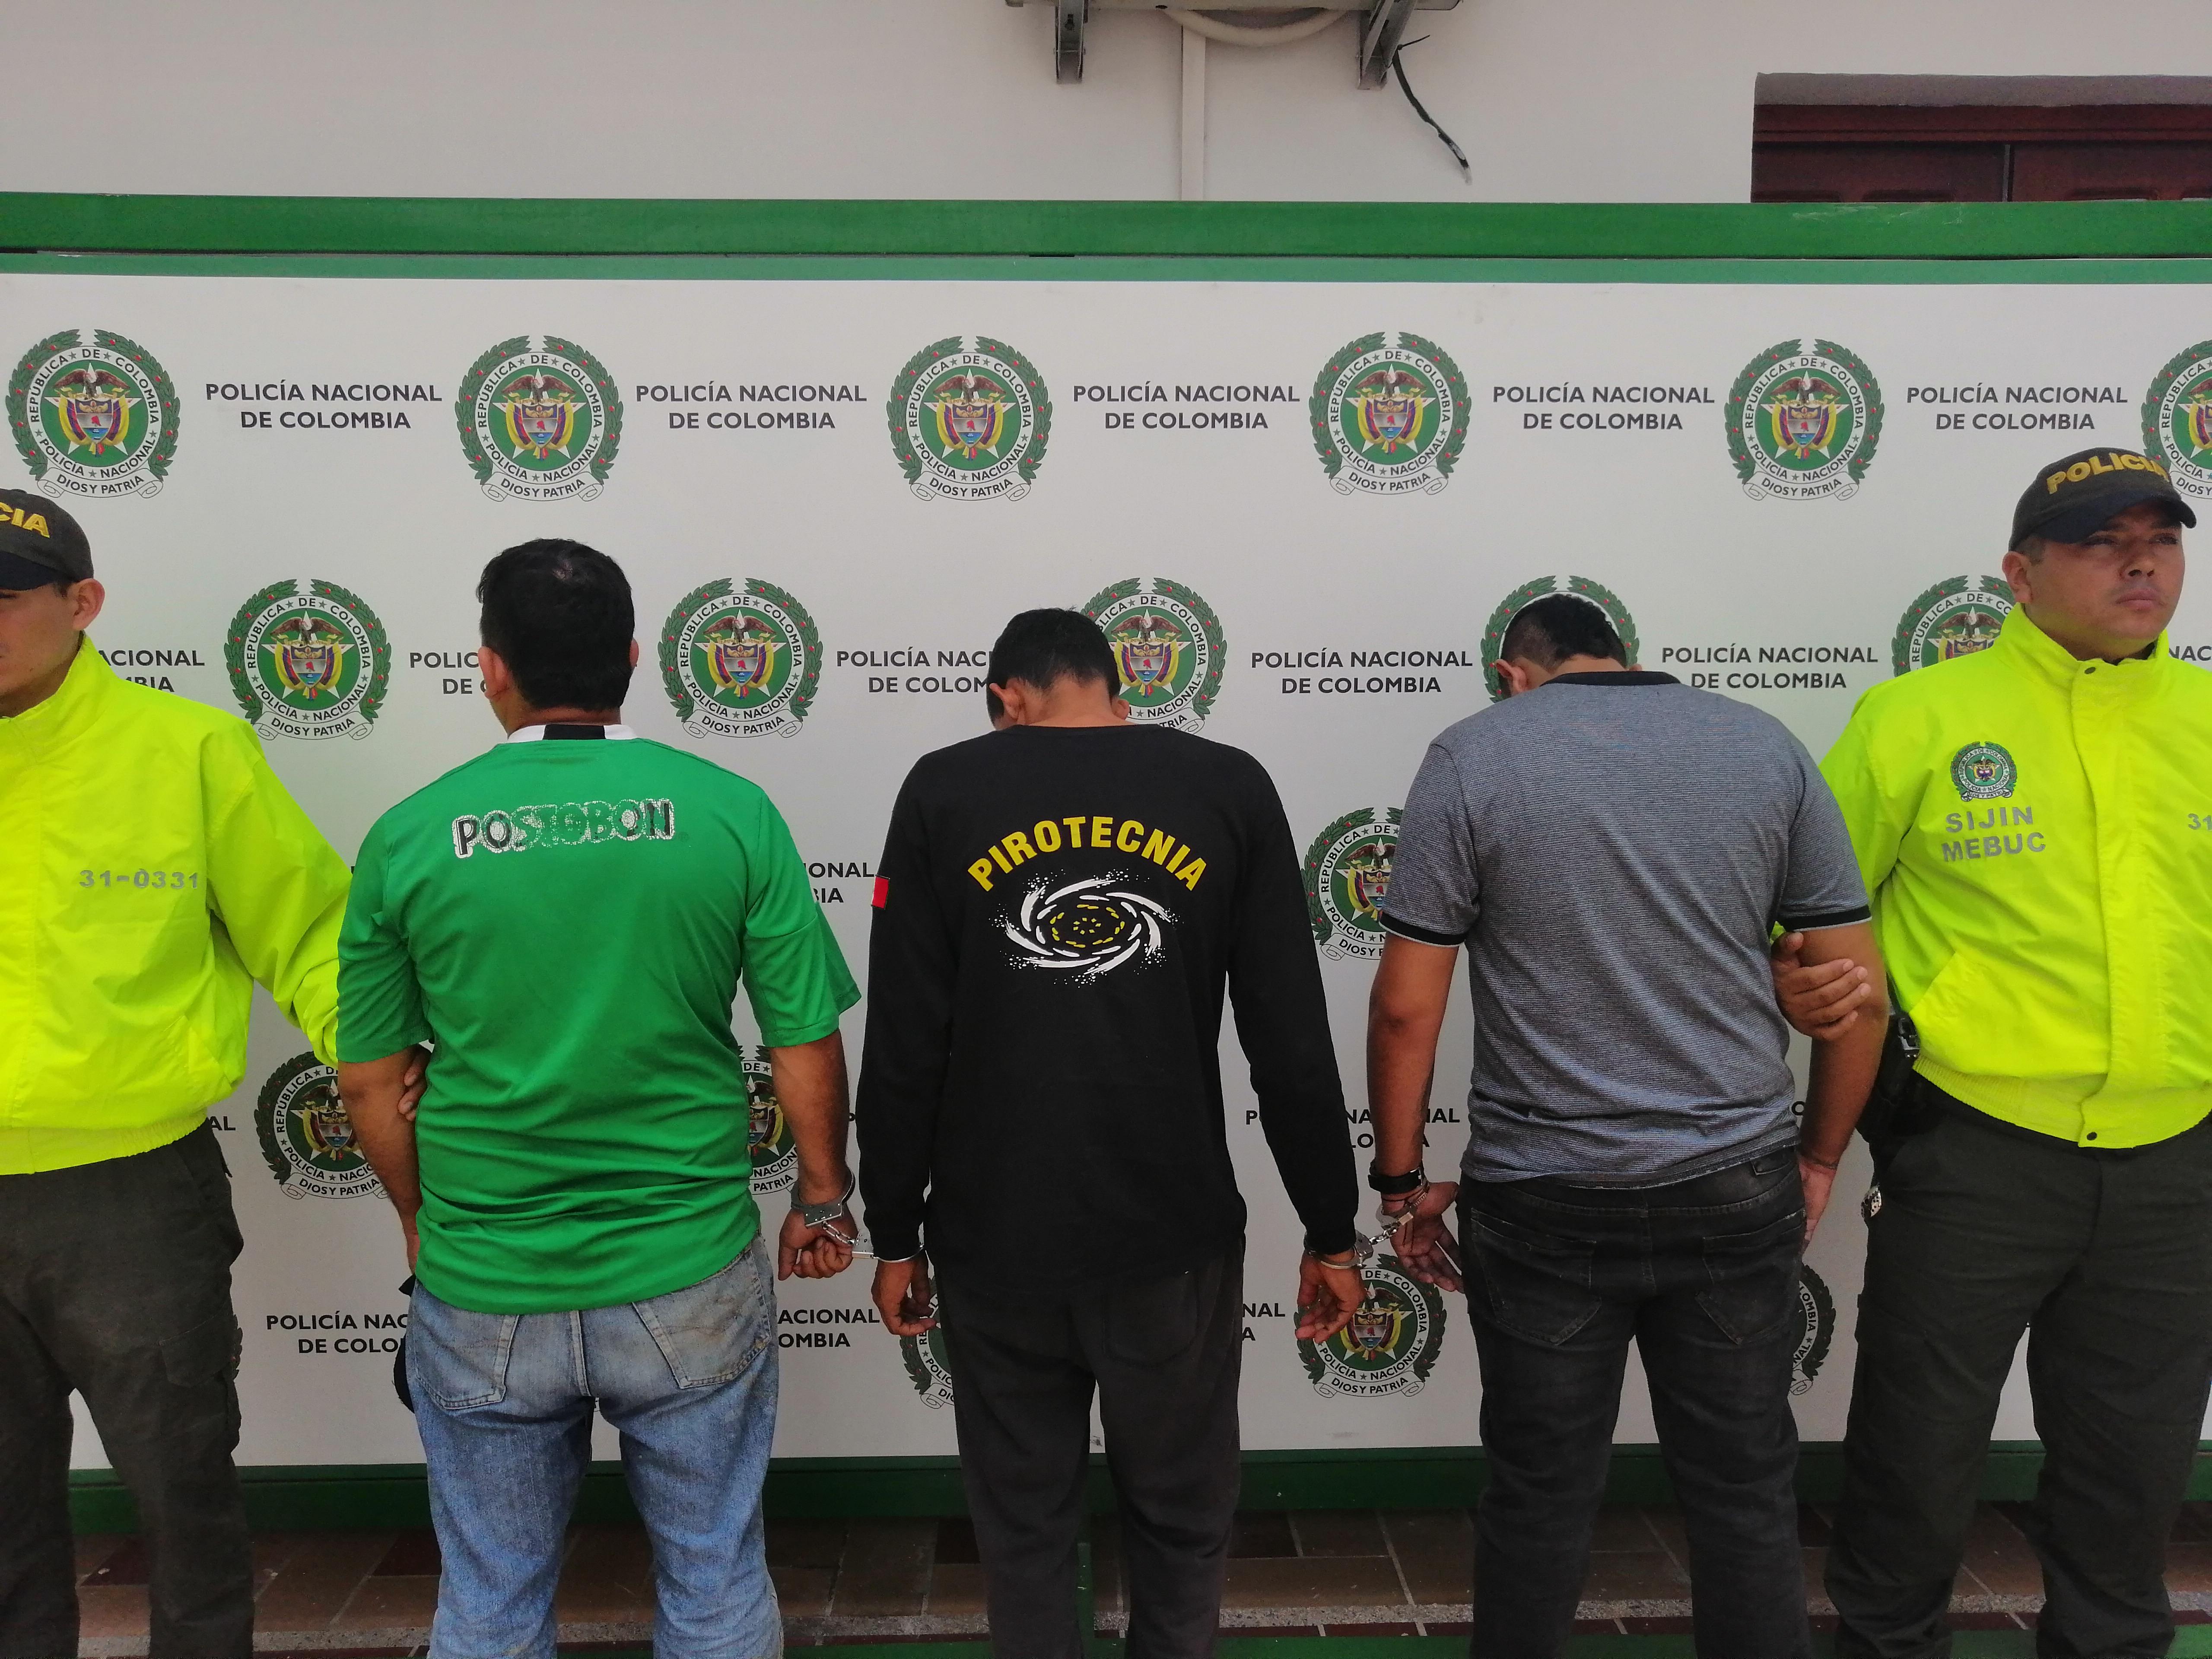 Ofensiva contra los hampones en el área metropolitana | EL FRENTE